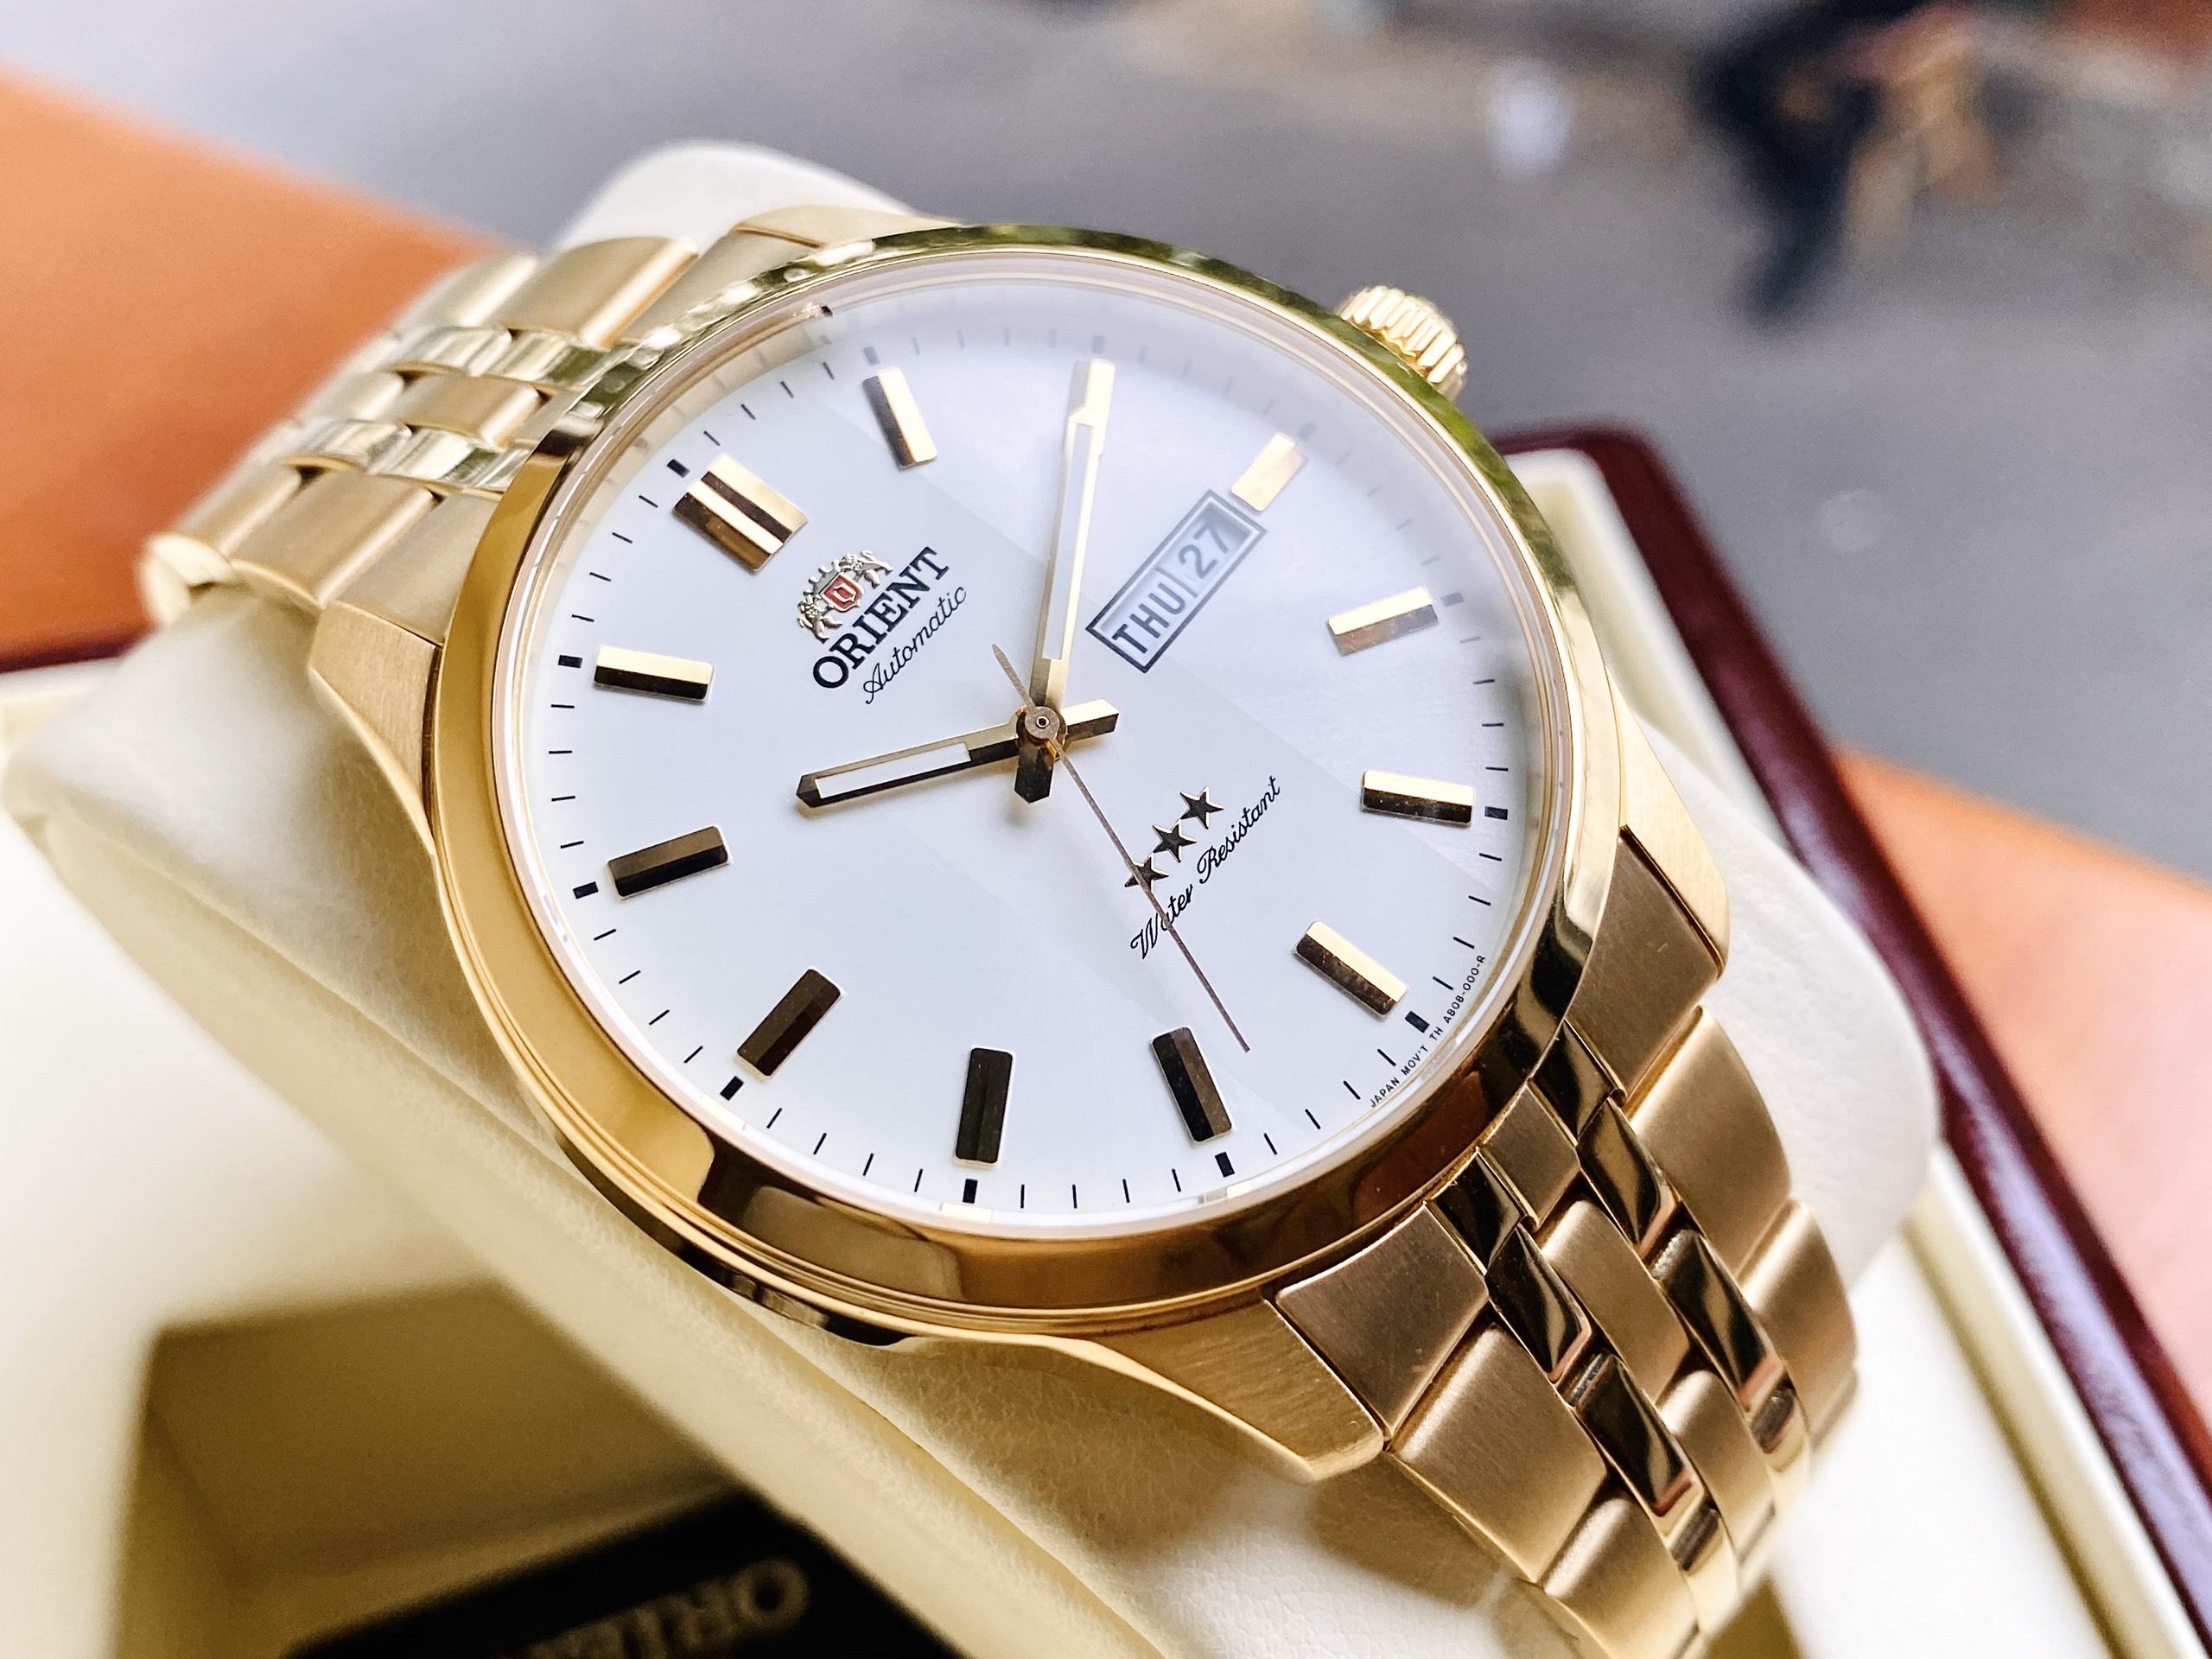 Đồng hồ nữ chính hãng Orient Automatic RA-AB0012S19B